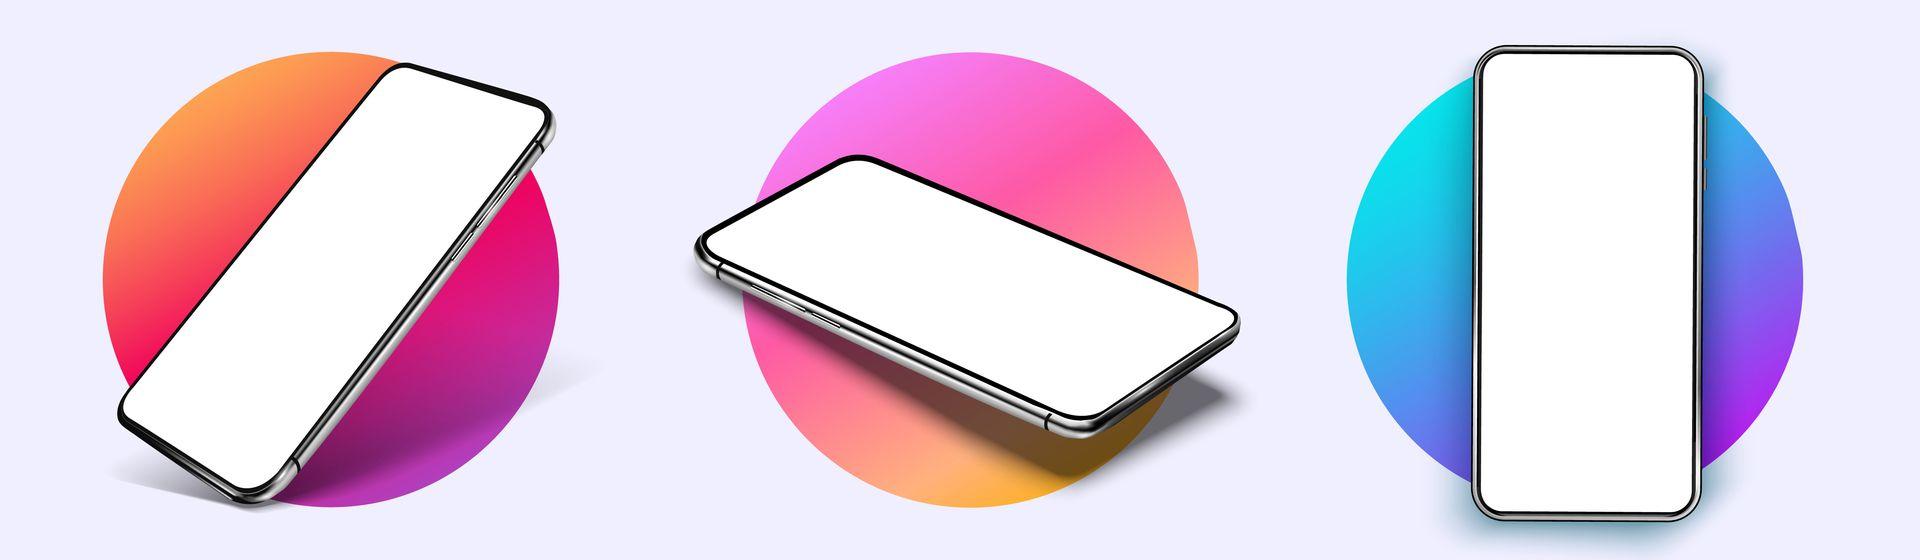 Celular transparente: como alterar a tela com aplicativo para Android